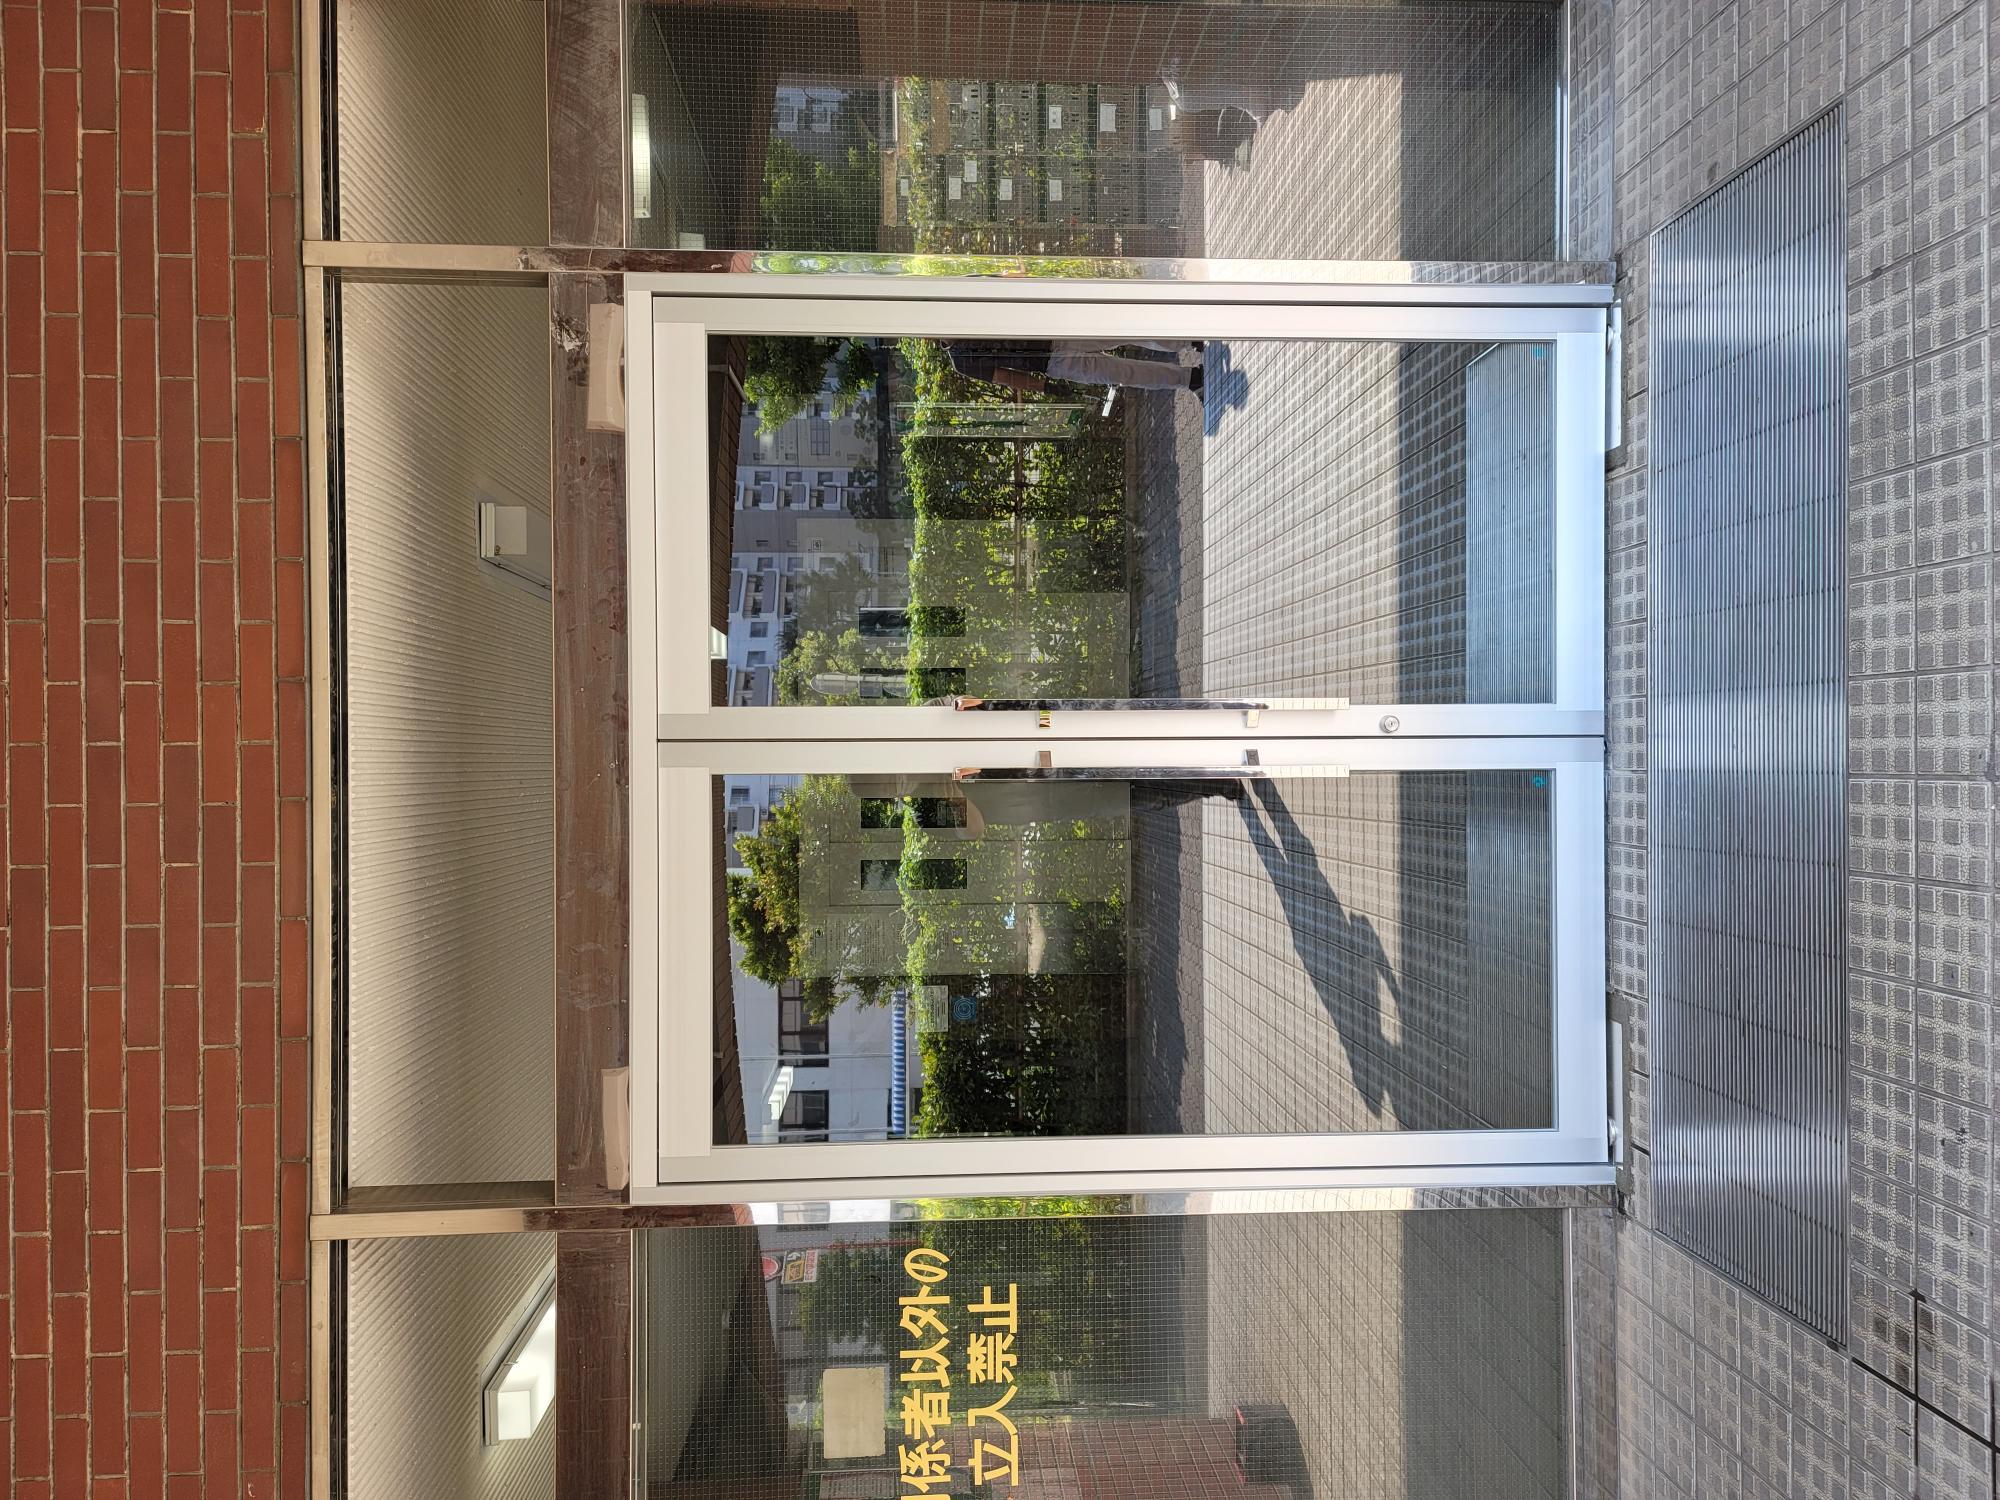 アルミフロント カバー工法|東京都某公営住宅メインエントランス